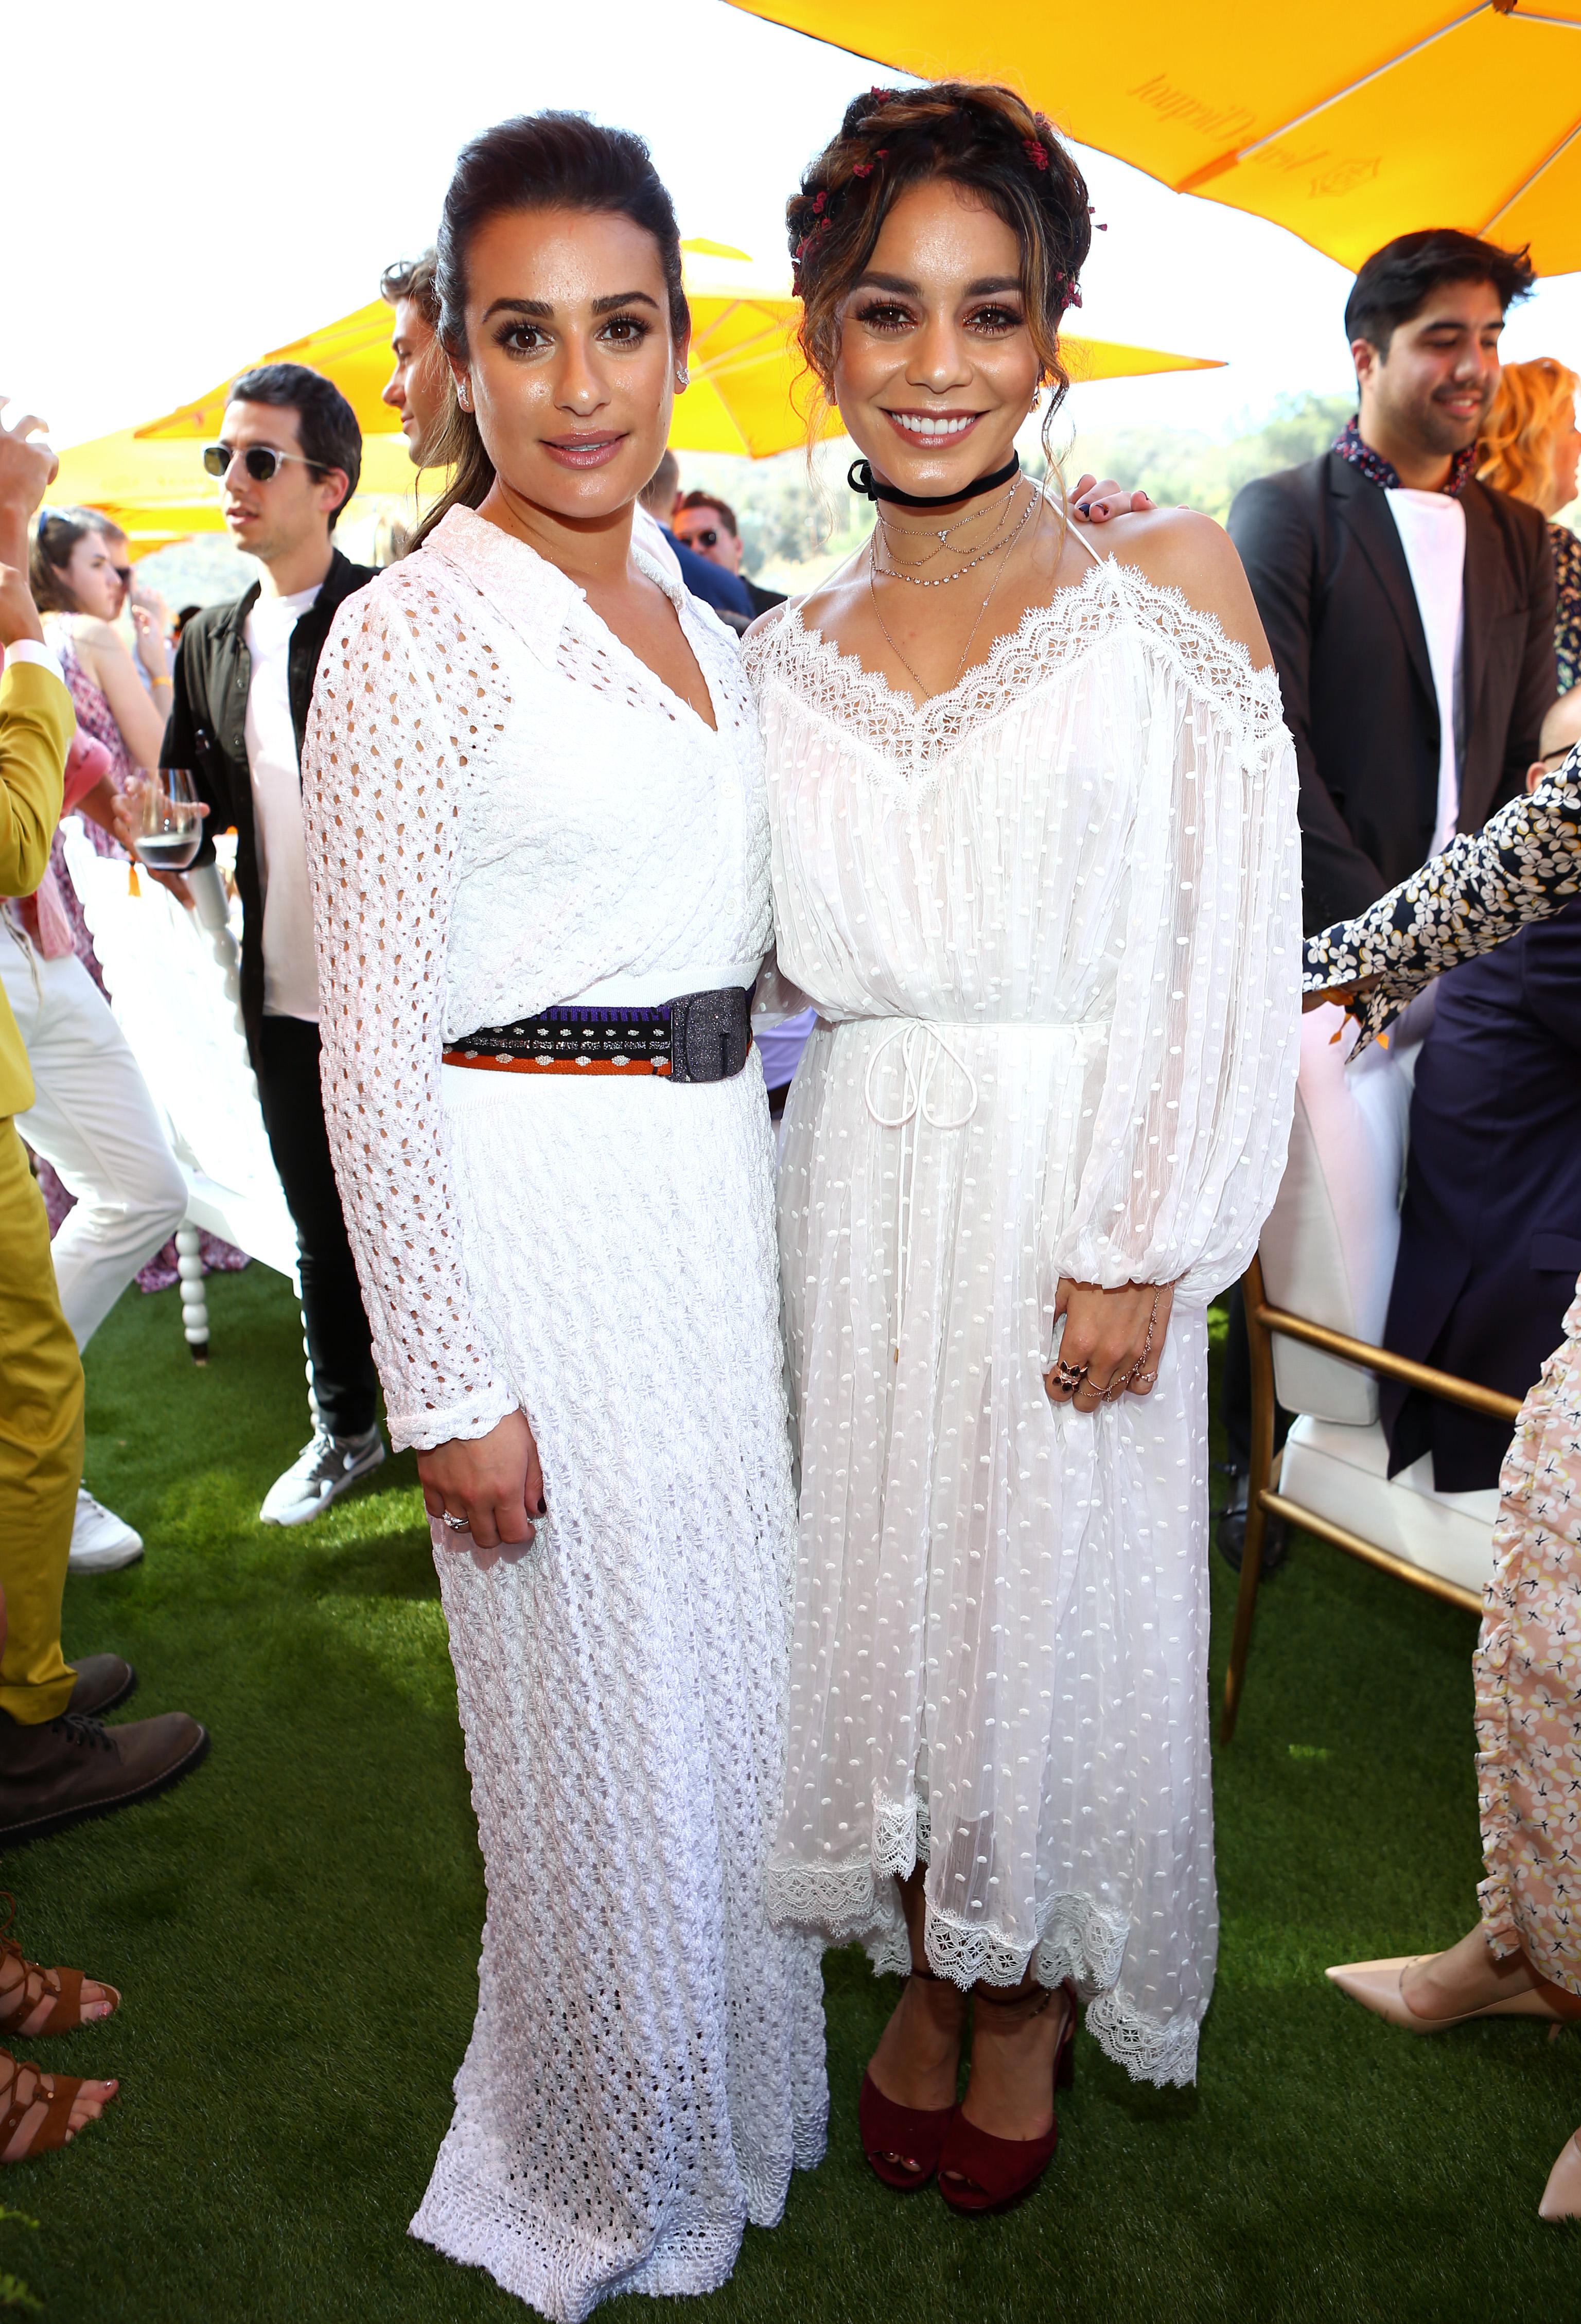 Veuve Clicquot Polo Classic 2016 Lea Michele and Vanessa Hudgens